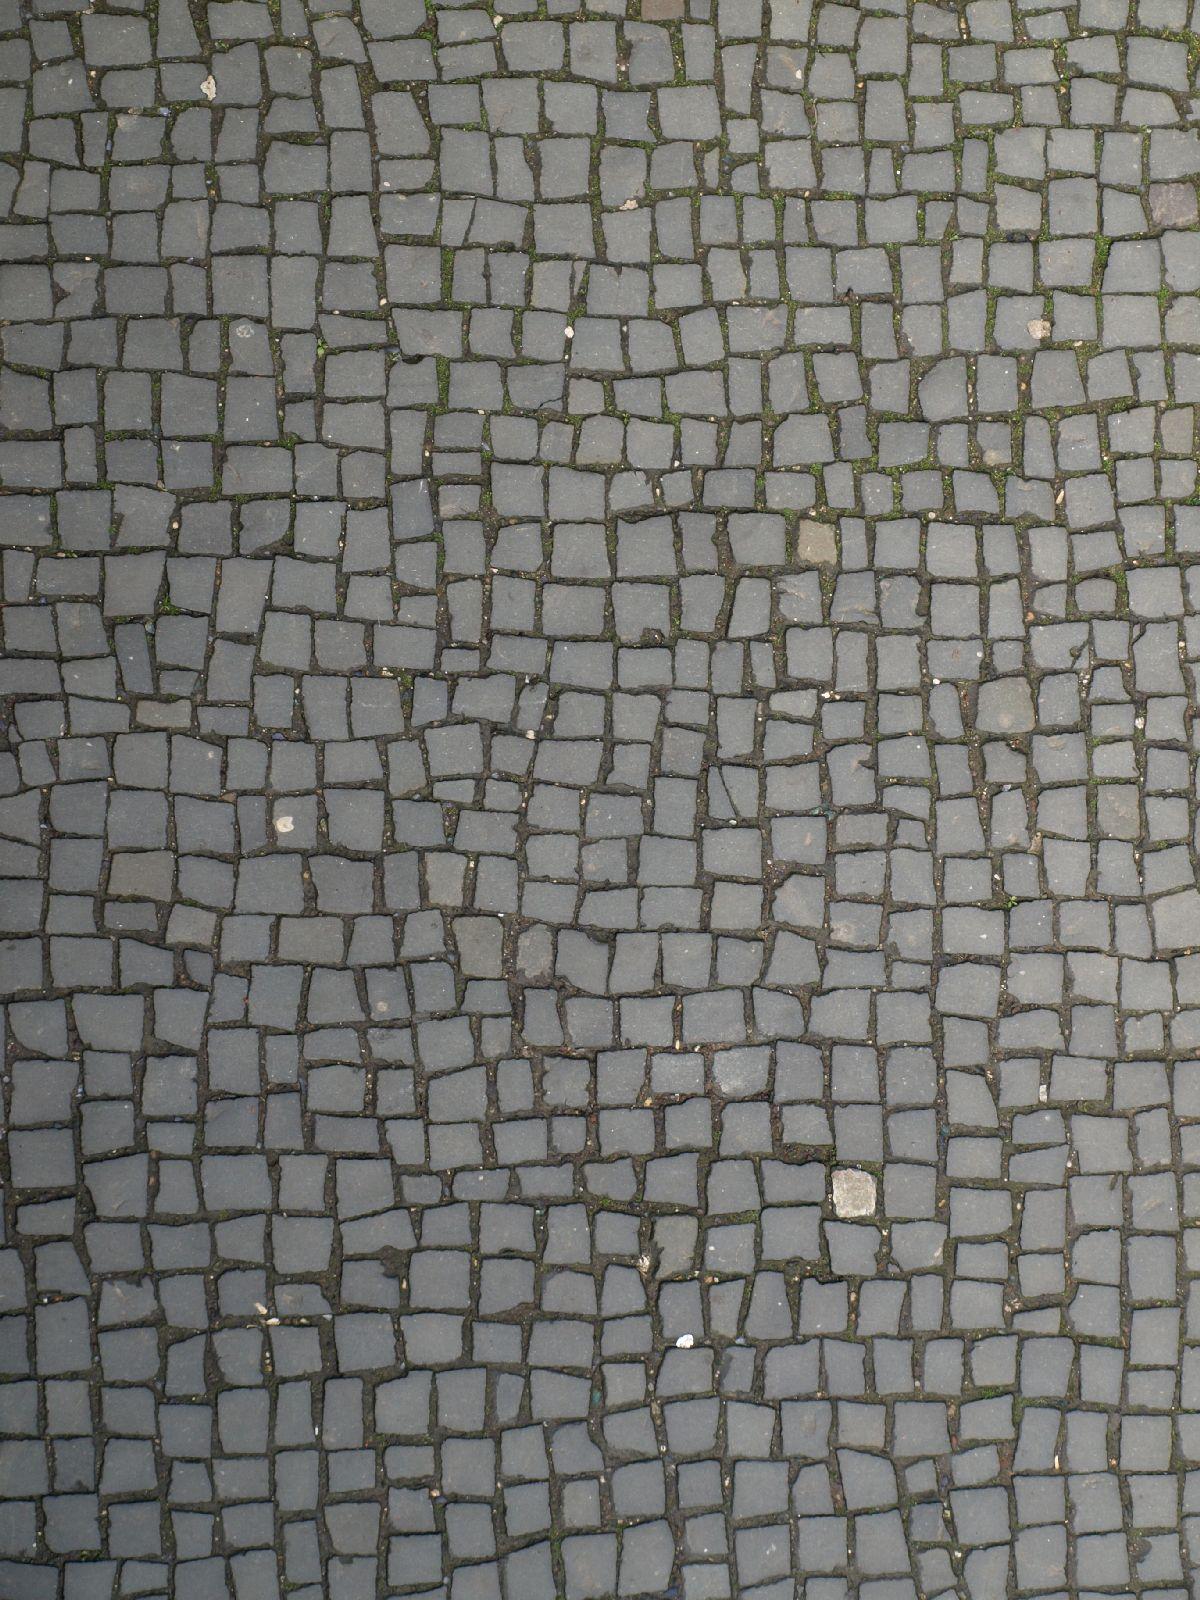 Ground-Urban_Texture_A_P4131136